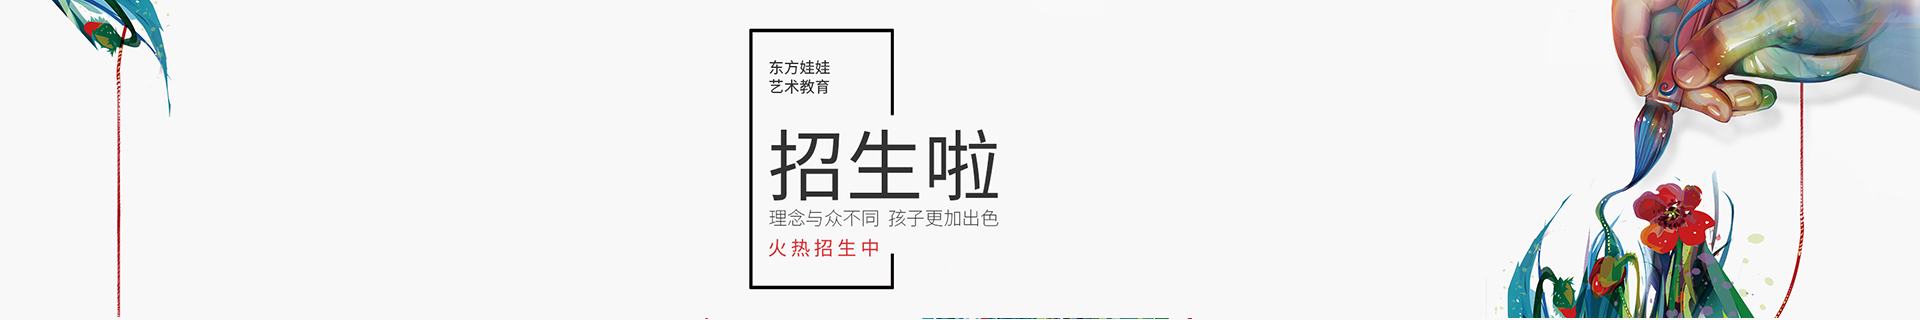 南京鼓楼区郑和中路东方娃娃美术培训